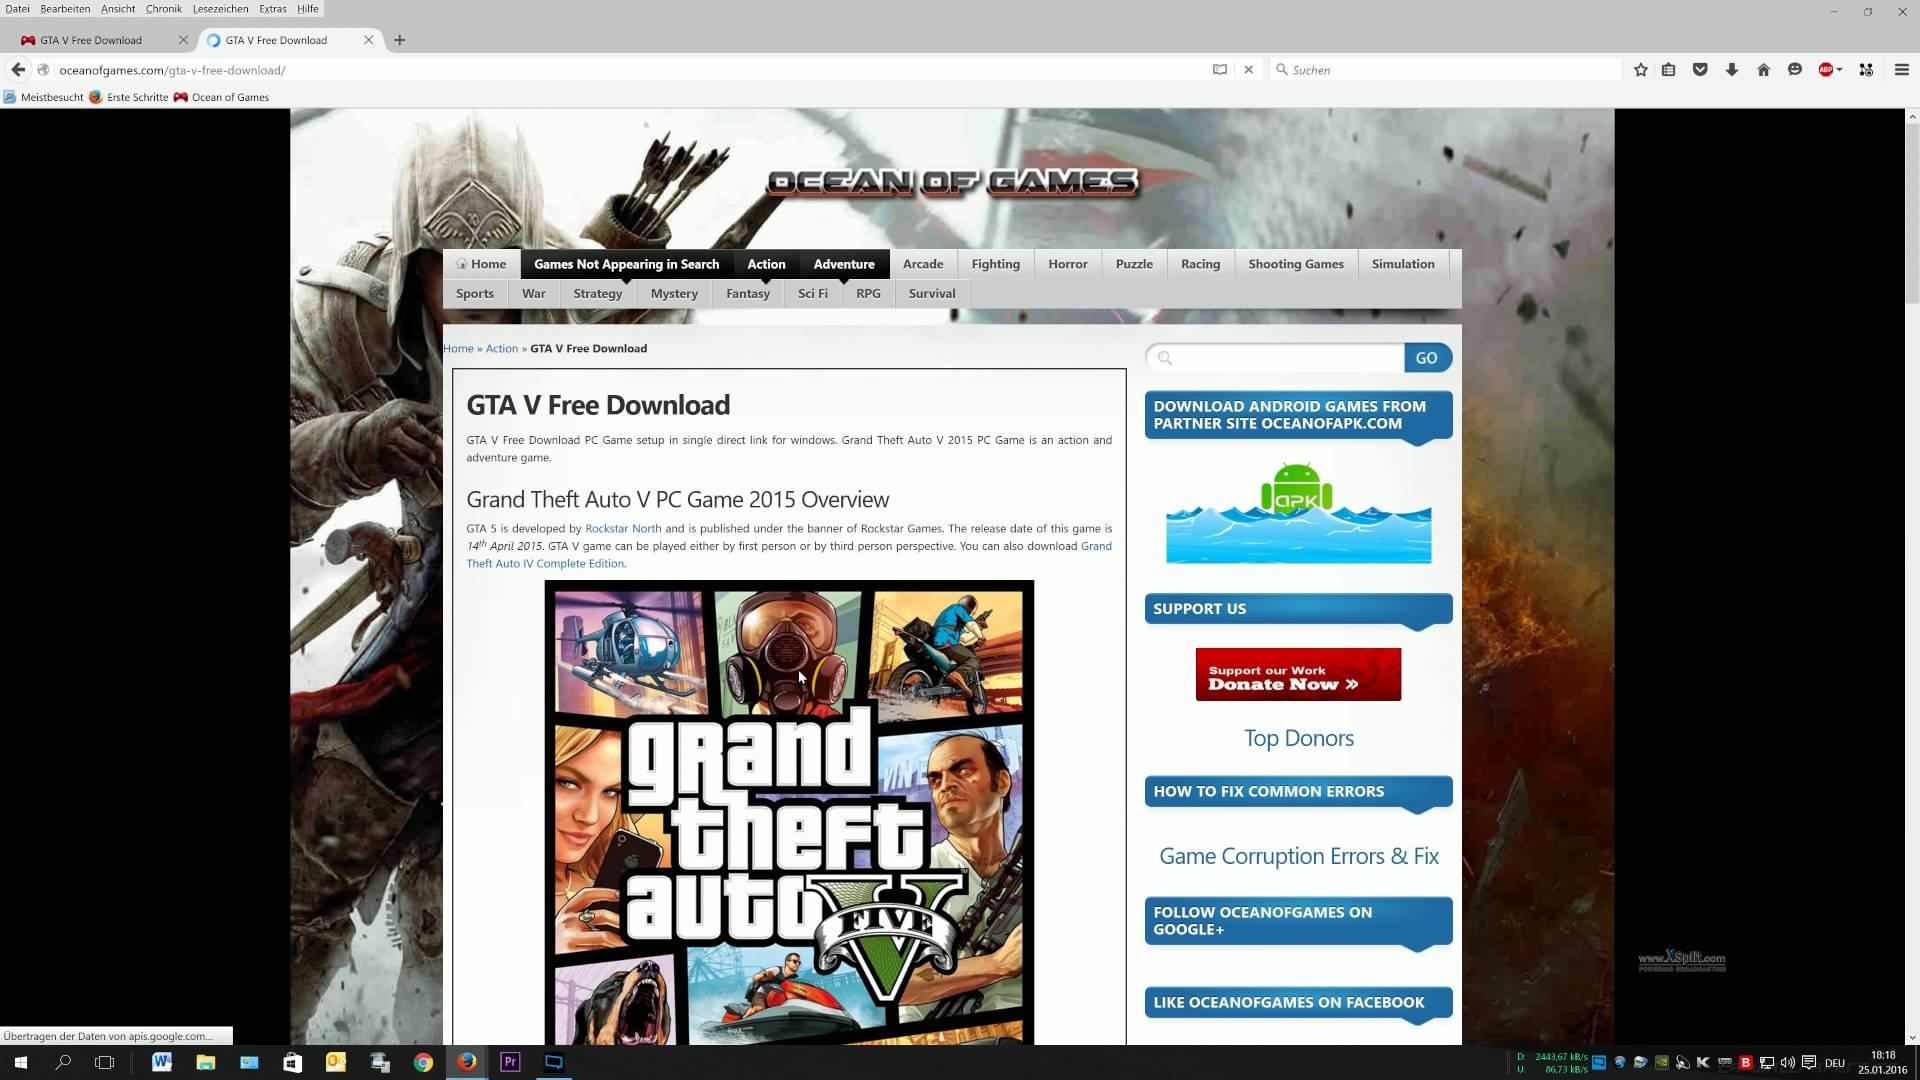 A very good site for gamers - OCEANOFGAMES COM Consumer